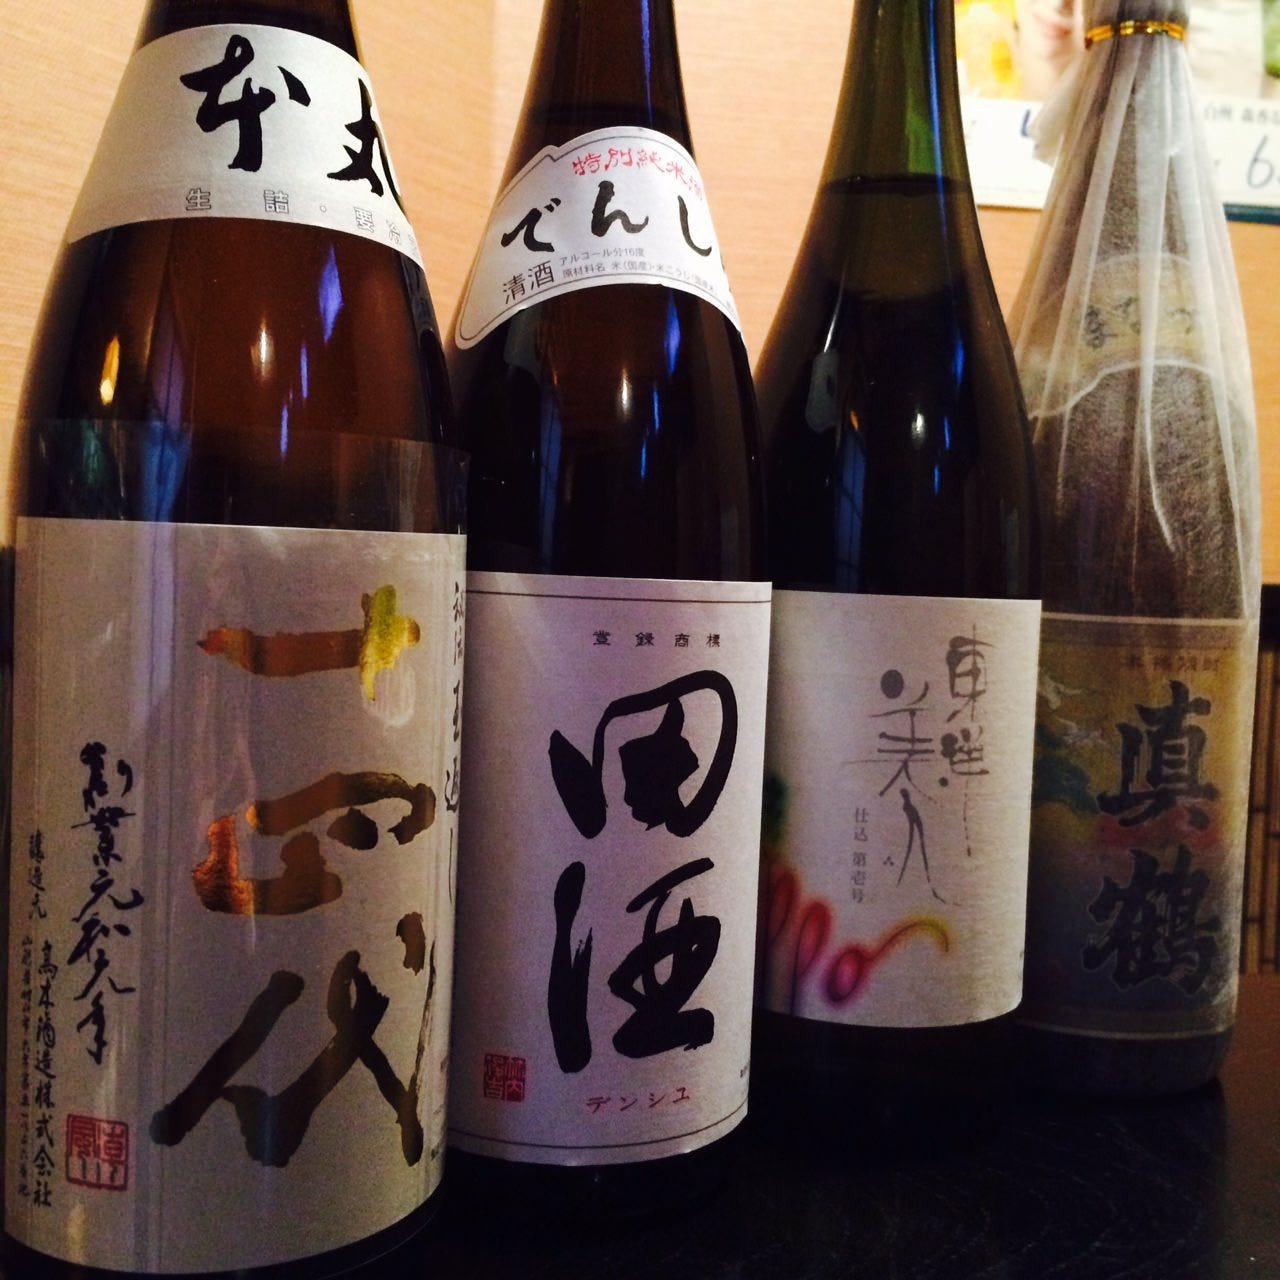 日本酒・焼酎も充実の品揃え